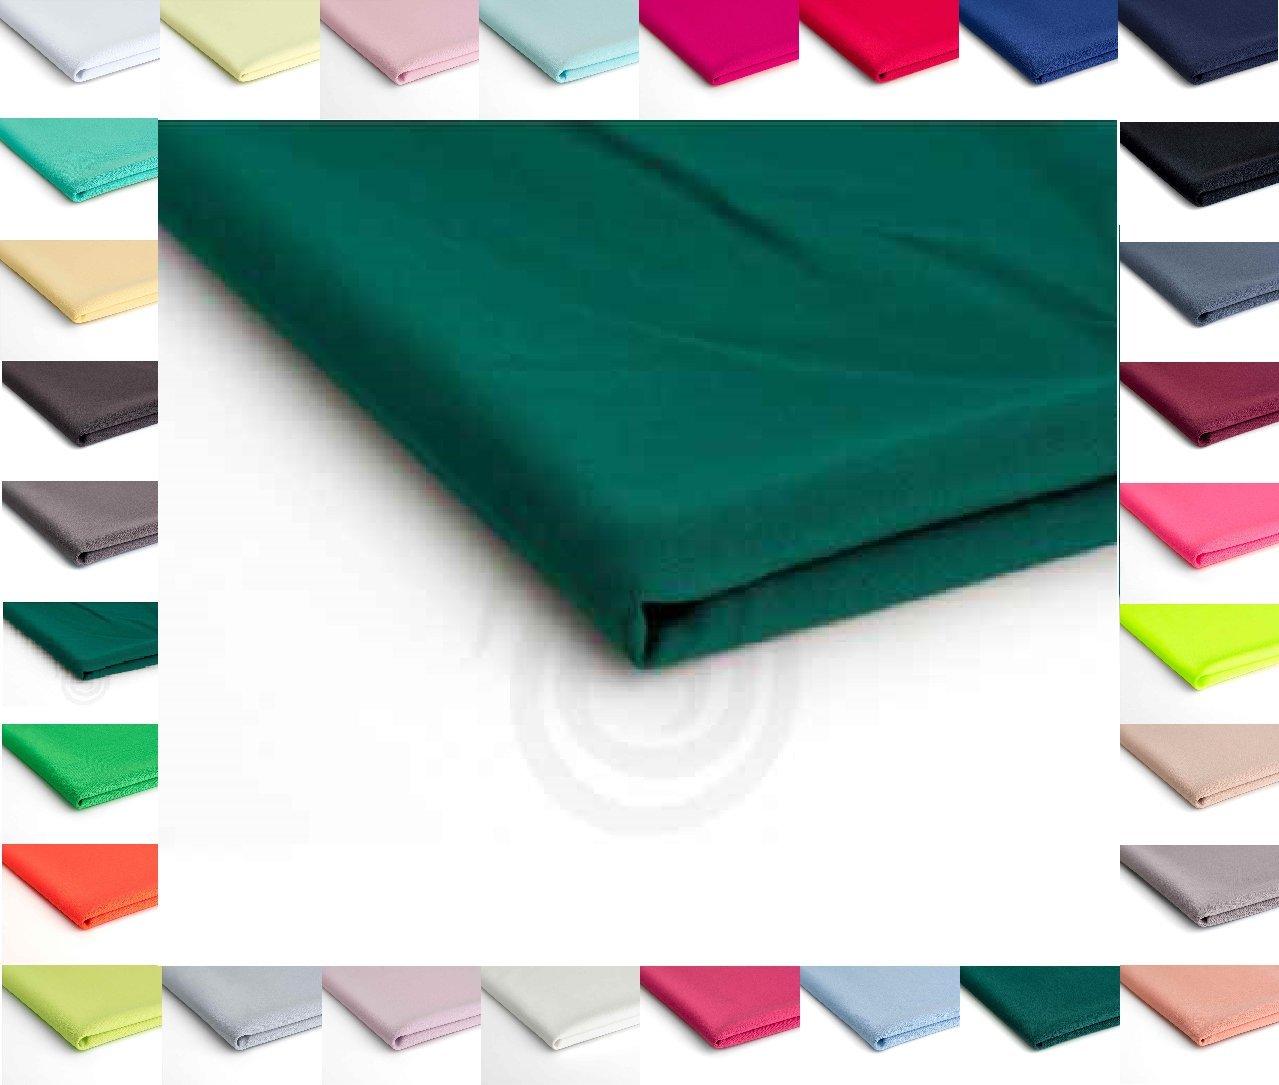 Nurek Scuba Tessuto a maglia semplice - 50 x 150cm - Disponibile in una varietà di colori (Cappuccino) Orient